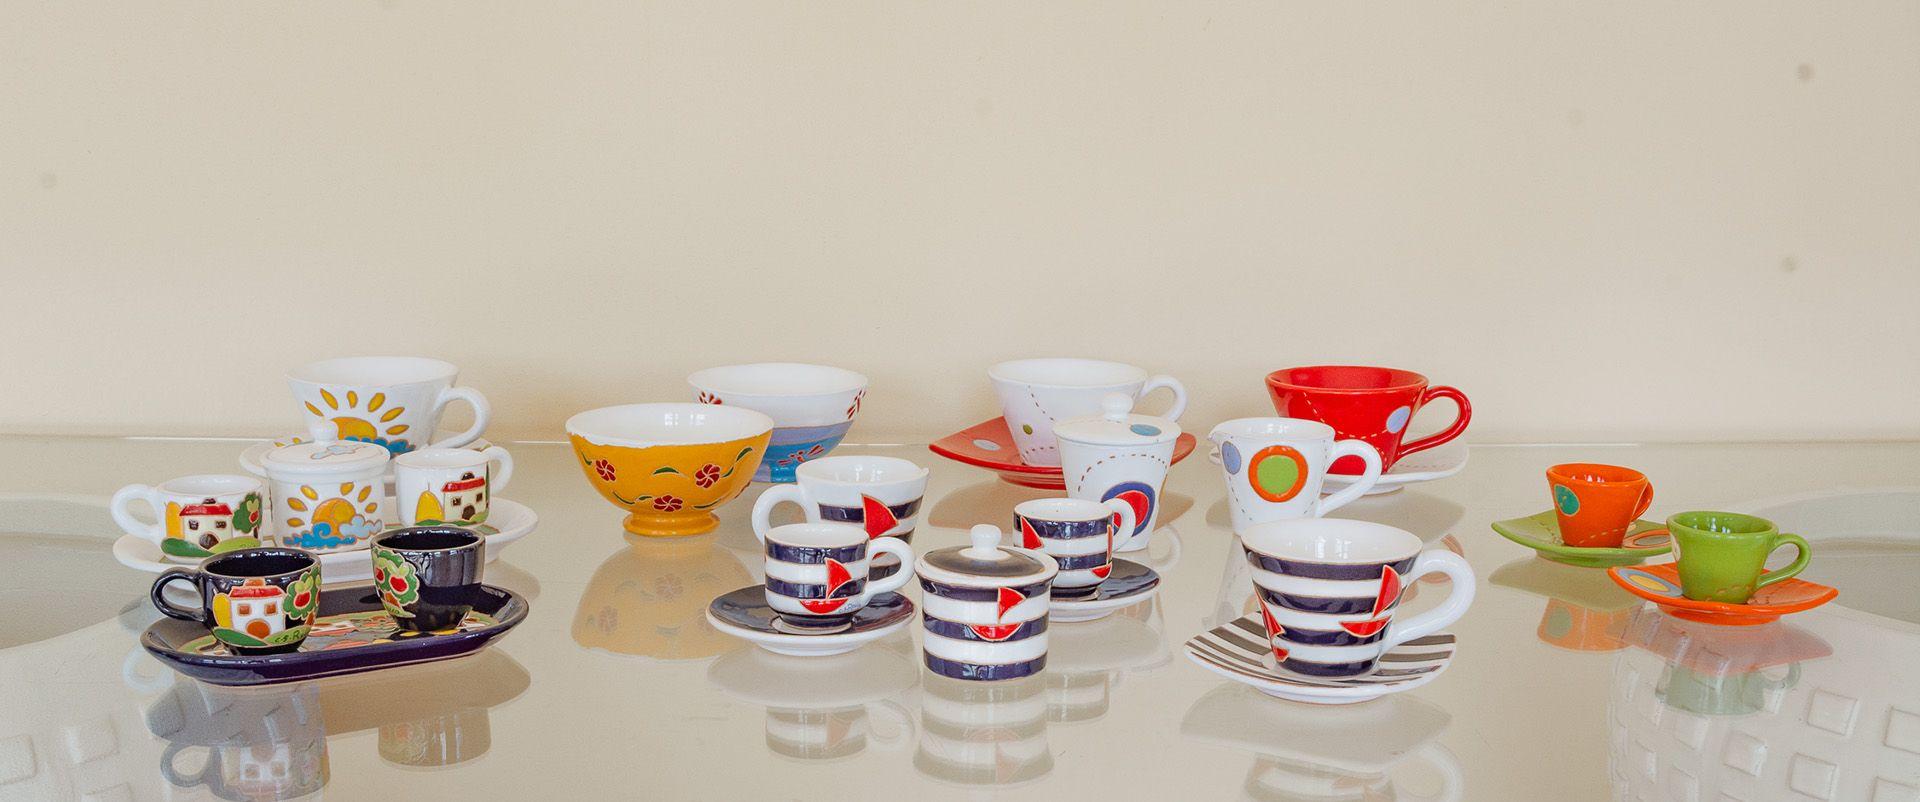 Ceramica E Complementi.Ceramiche San Rocco Idee Regalo In Ceramica Tazze